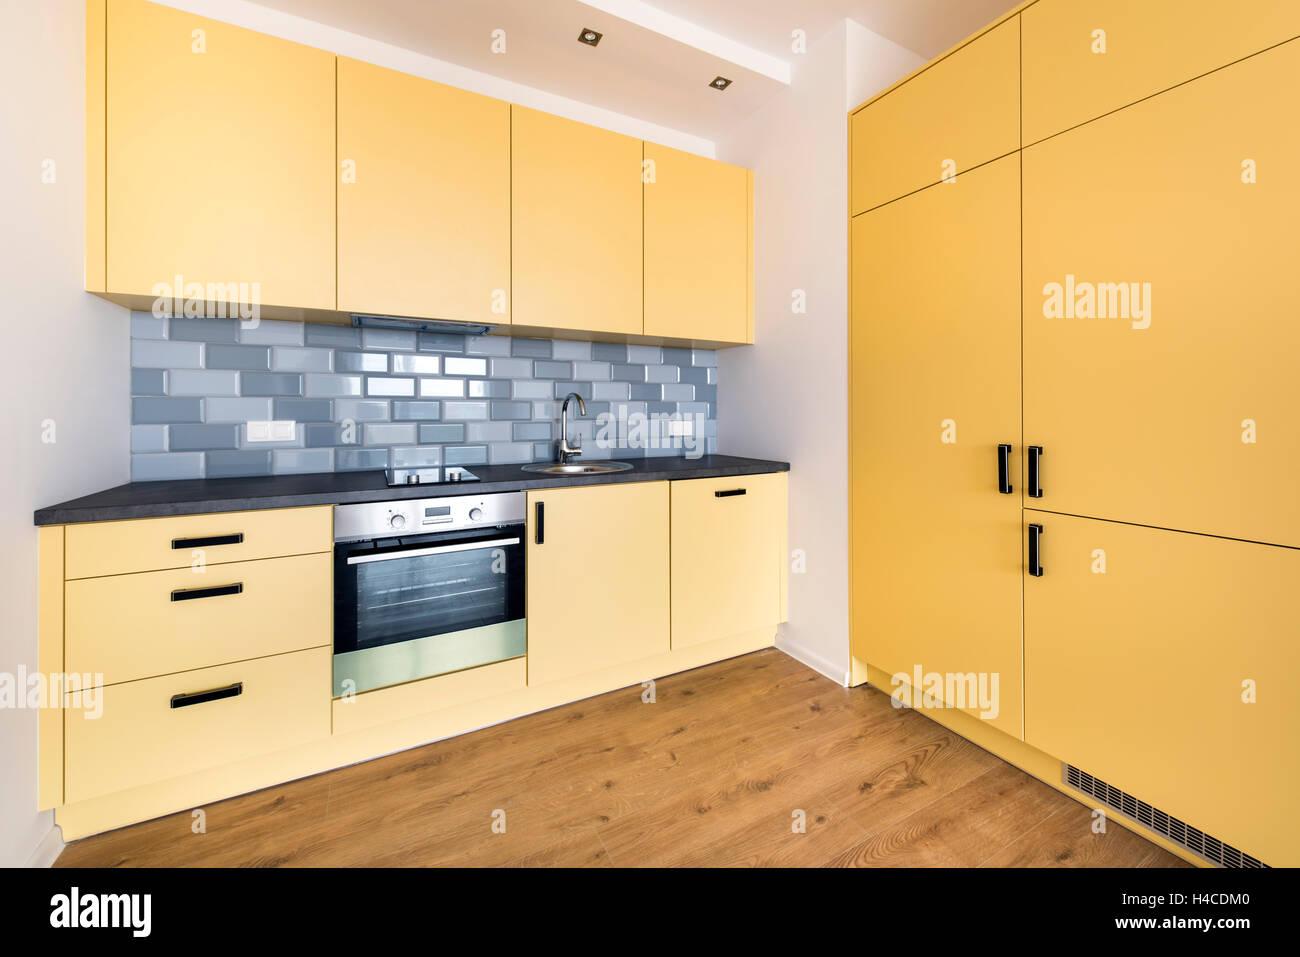 Neue Wohnung, leer mit heimischen Küche Innenarchitektur Stockfoto ...